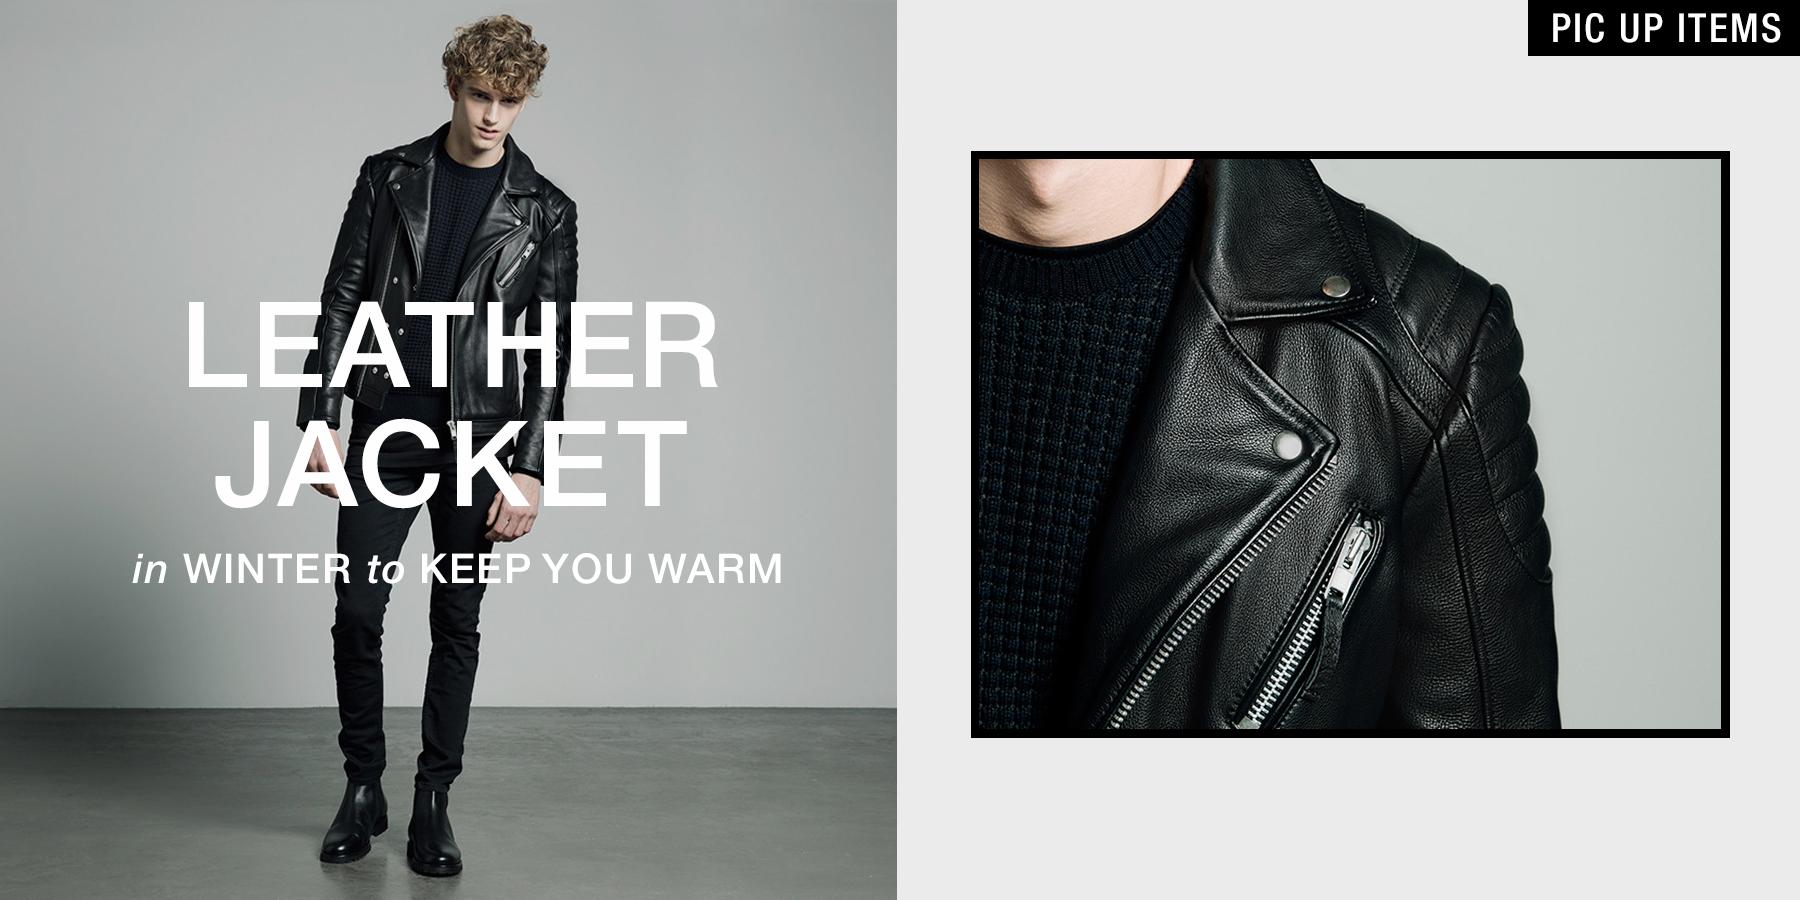 【メンズ】革ジャン(レザージャケット)を寒い冬も着こなすポイント!